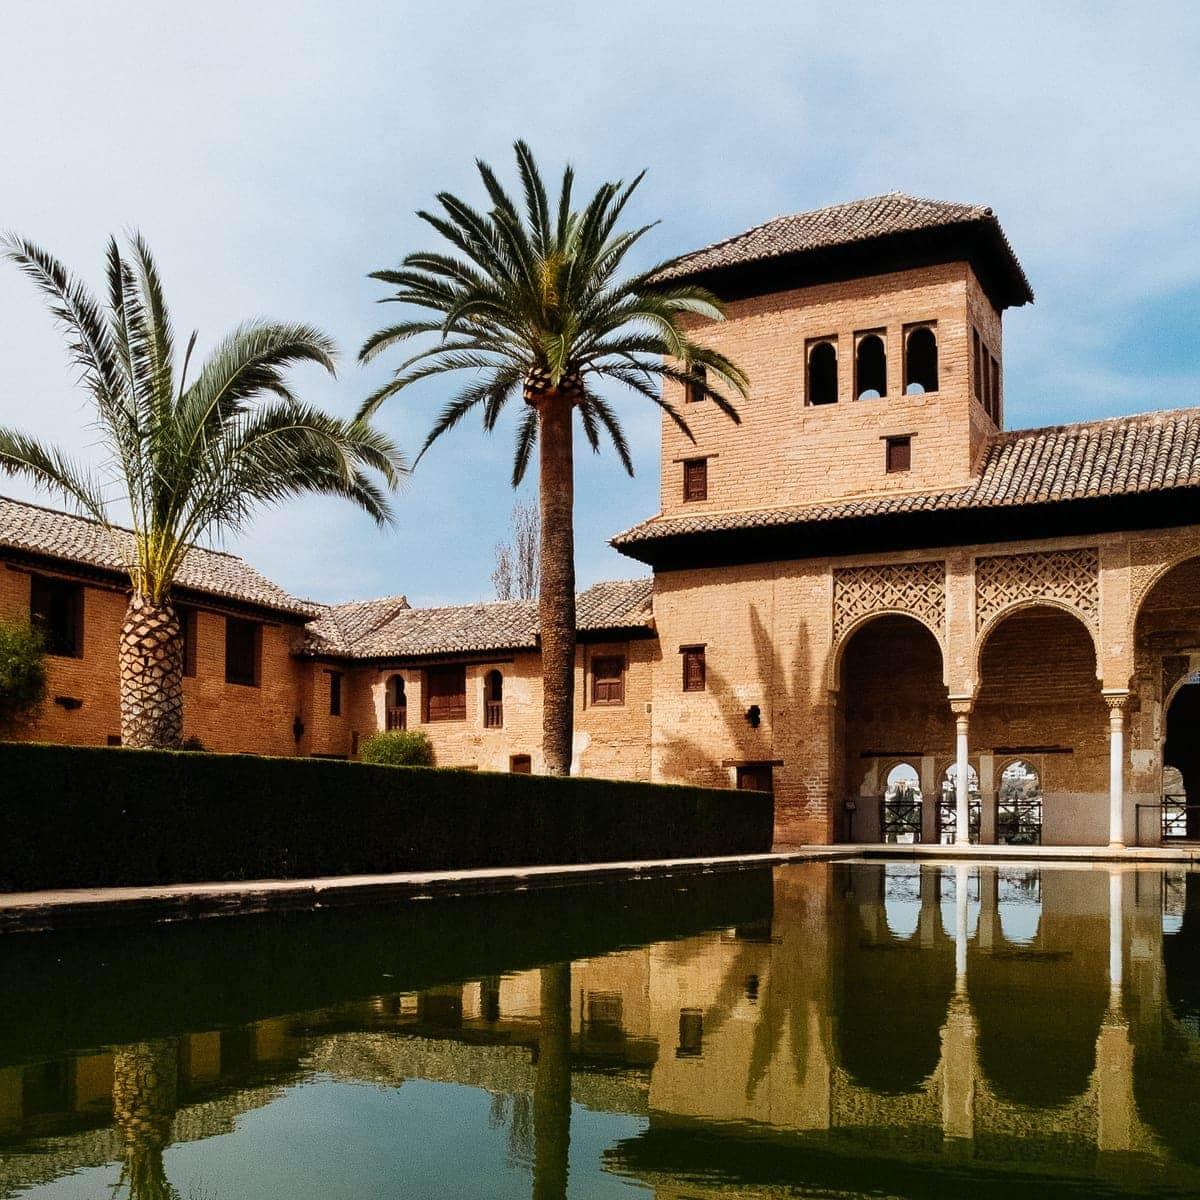 Alhambra 2, 2017